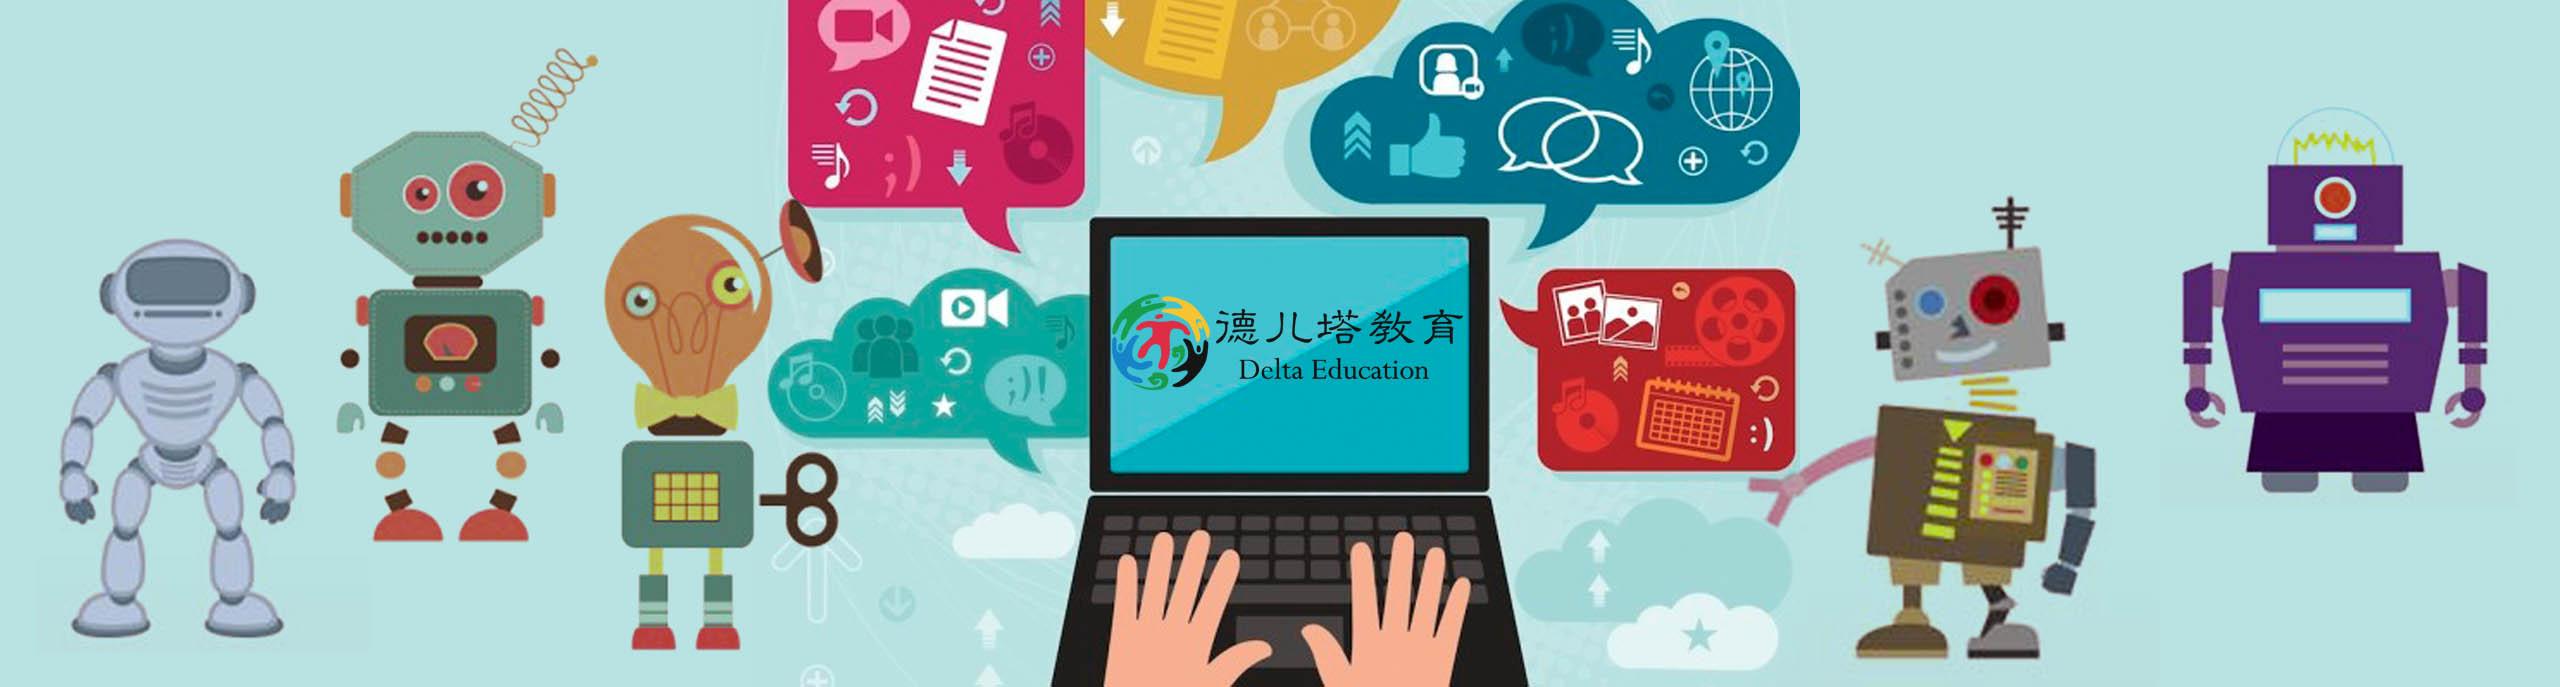 上海德儿塔教育作为全国最专业的青少儿编程教育机构,由前身青少年信息学奥赛训练营发展而来,遵循欧美K12阶段计算机教育国家标准(CSTA),致力于为青少年提供国际一流的青少儿编程教育。我们引领在最前沿,专注于科技精英教育,培养时代的弄潮儿! 早在20世纪50年代,美国教育界就开始重视计算机编程教学。20世纪80年代后,计算机编程教学逐渐进入中小学校,以教编程语言为主,目的是提高学生的逻辑推理、批判性思维和动手解决问题的能力。 实践证明,学习了计算机编程的中小学生,思考问题的方式变得非常逻辑化,学会了严密的